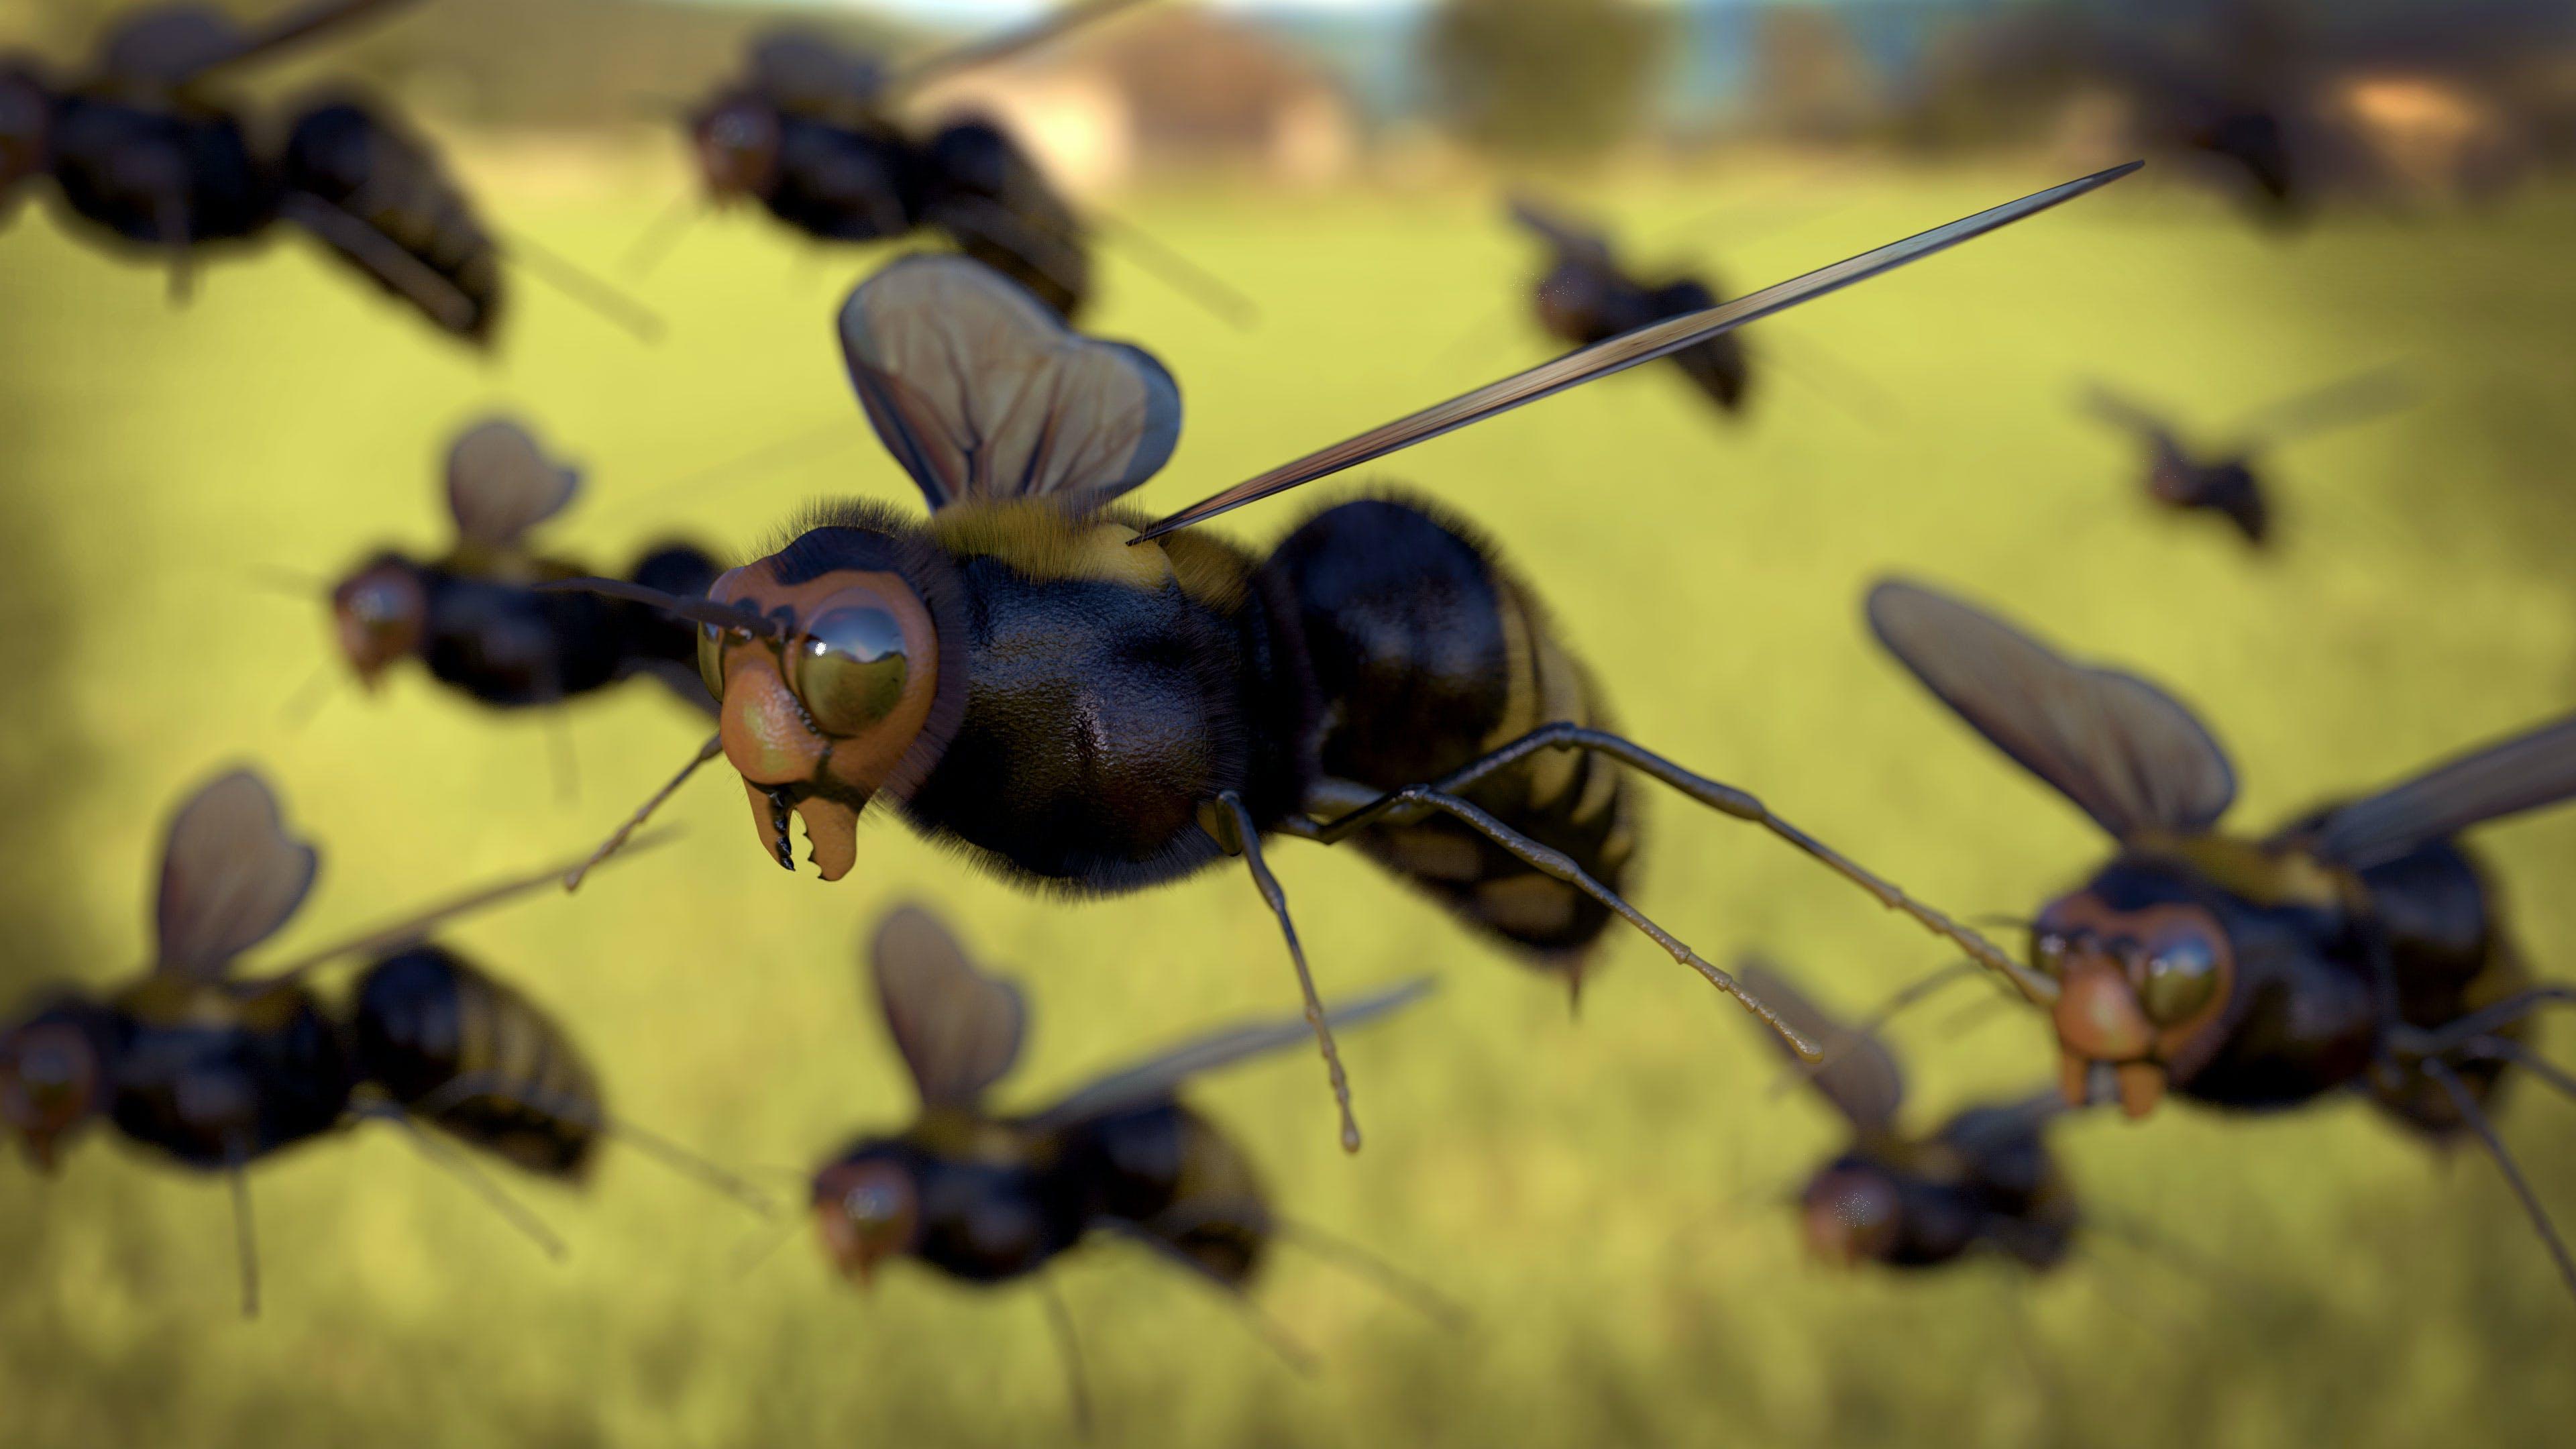 昆蟲, 蜜蜂, 飛行 的 免费素材照片